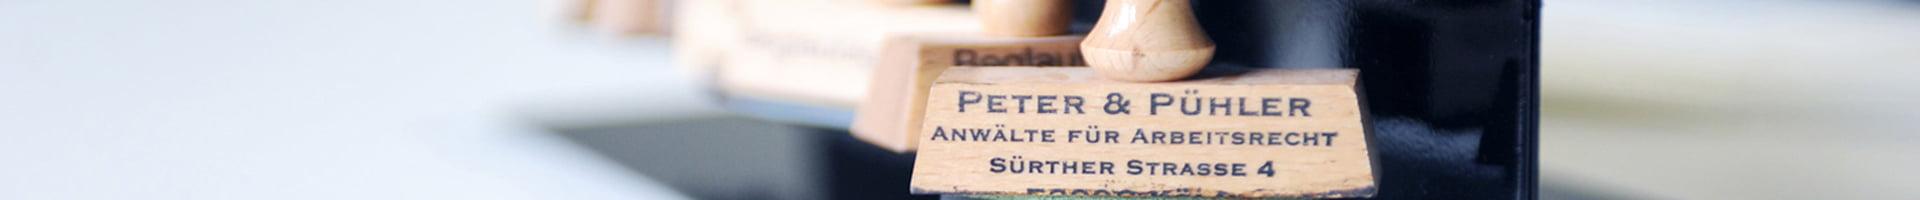 Peter und Pühler Banner